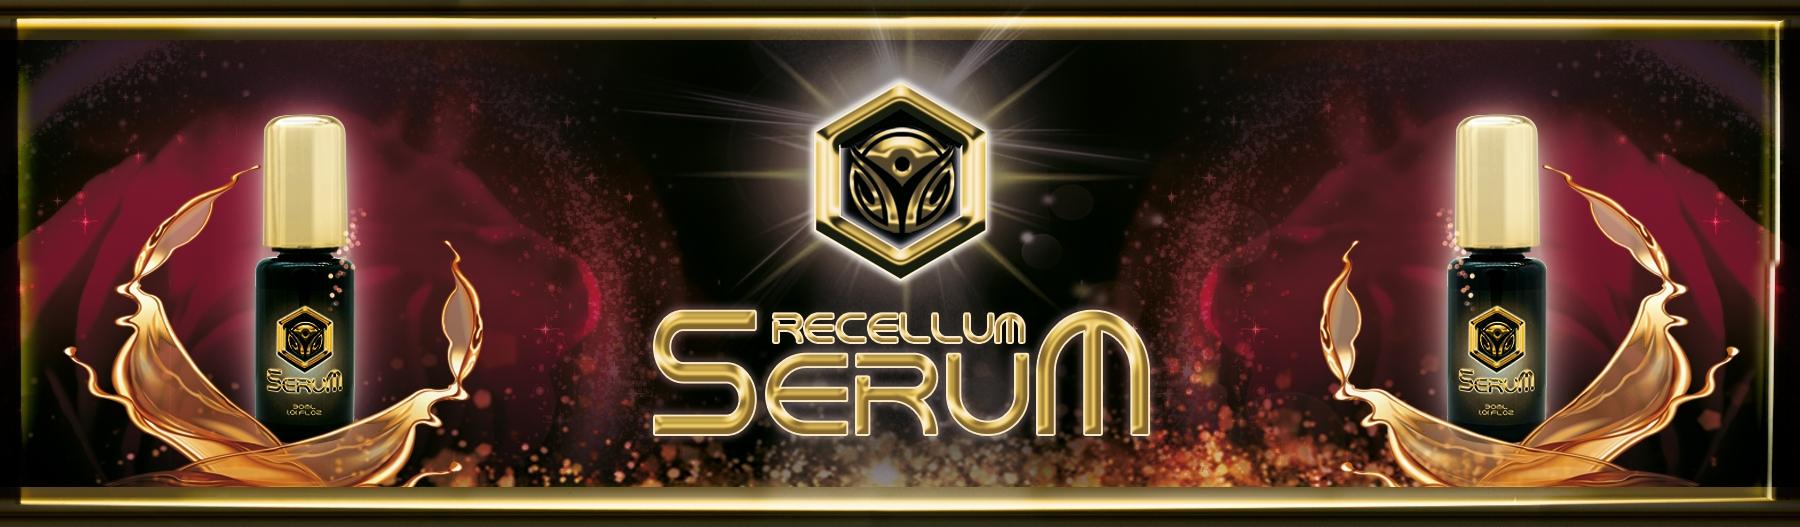 Recellum Serum